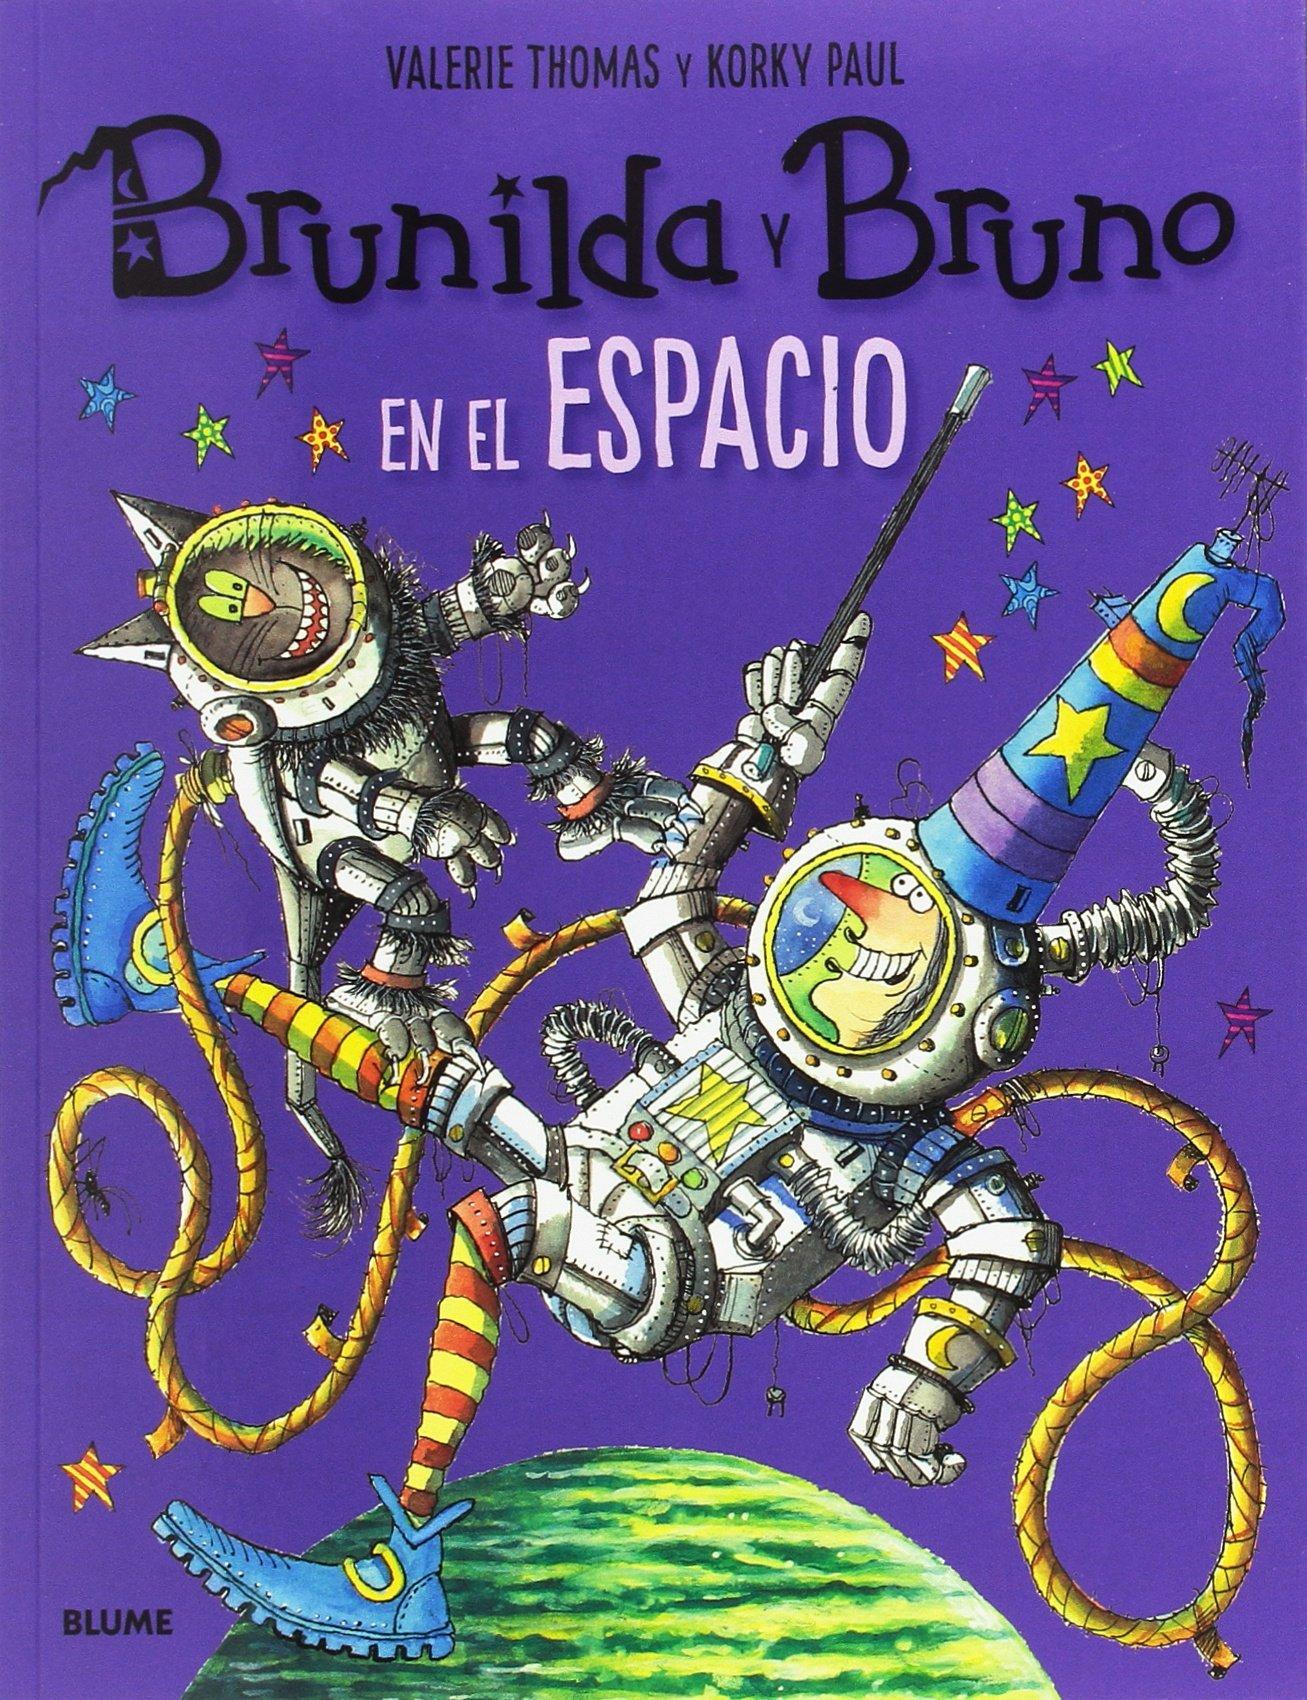 Brunilda y Bruno. En el espacio: Amazon.es: Thomas, Valerie, Paul, Korky, Rodríguez Fischer, Cristina, Diéguez Diéguez, Remedios: Libros